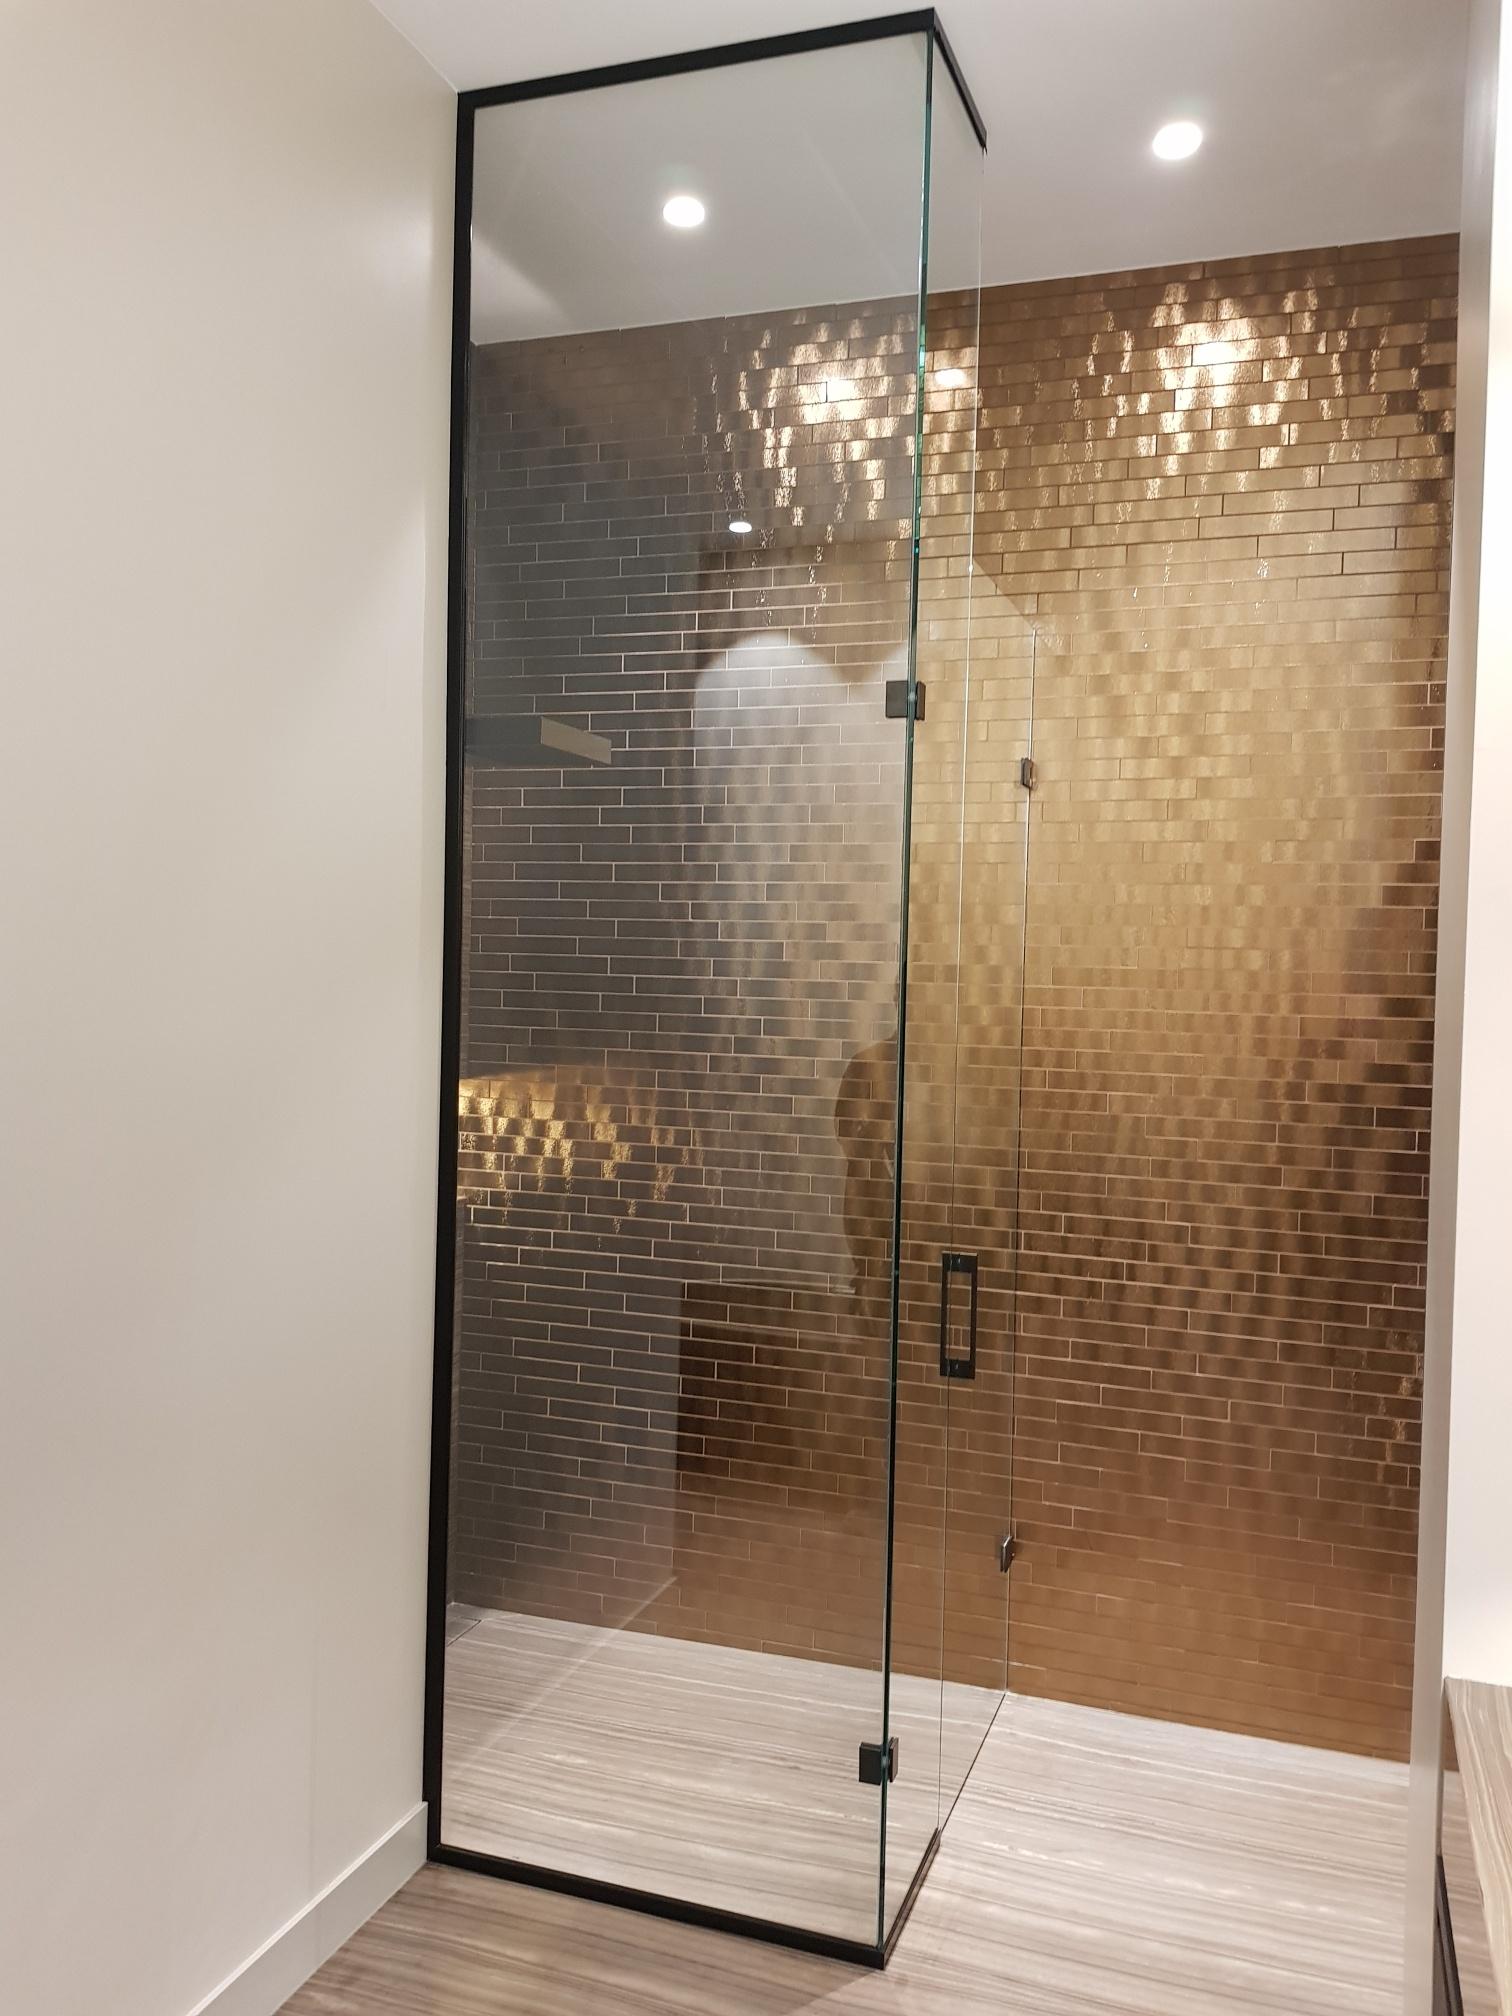 Le luxe dans la salle de bains  Saint-Gobain Building Glass